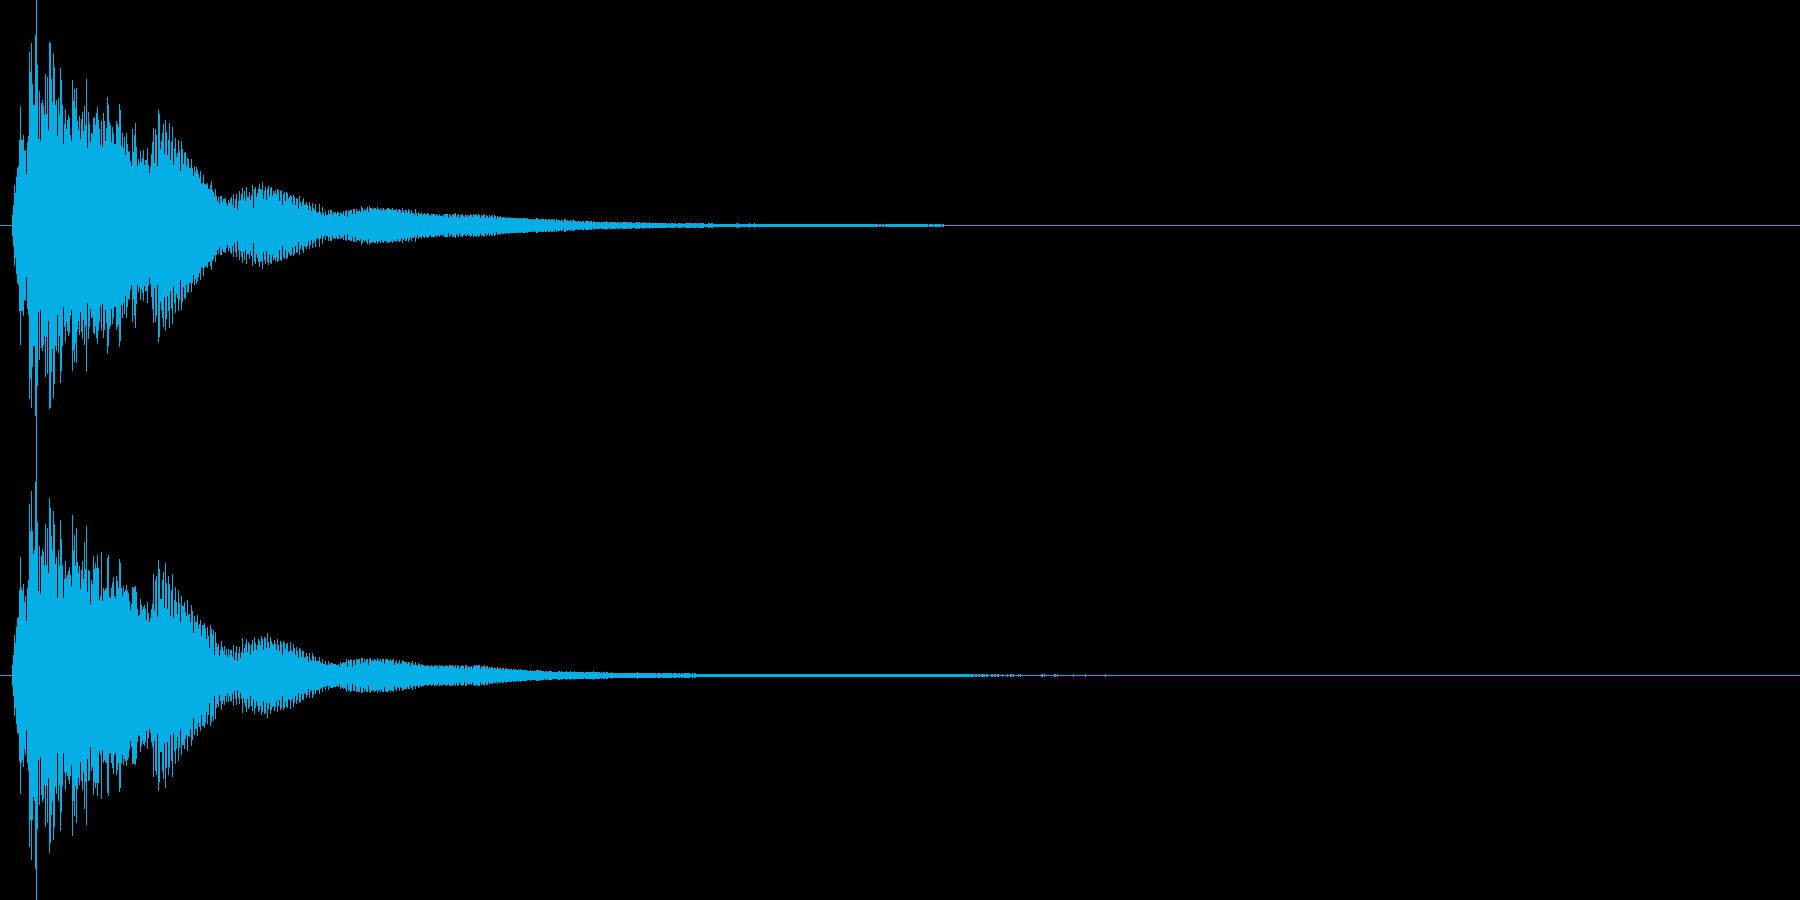 連鎖/パズルゲーム/コンボ/2段階目の再生済みの波形